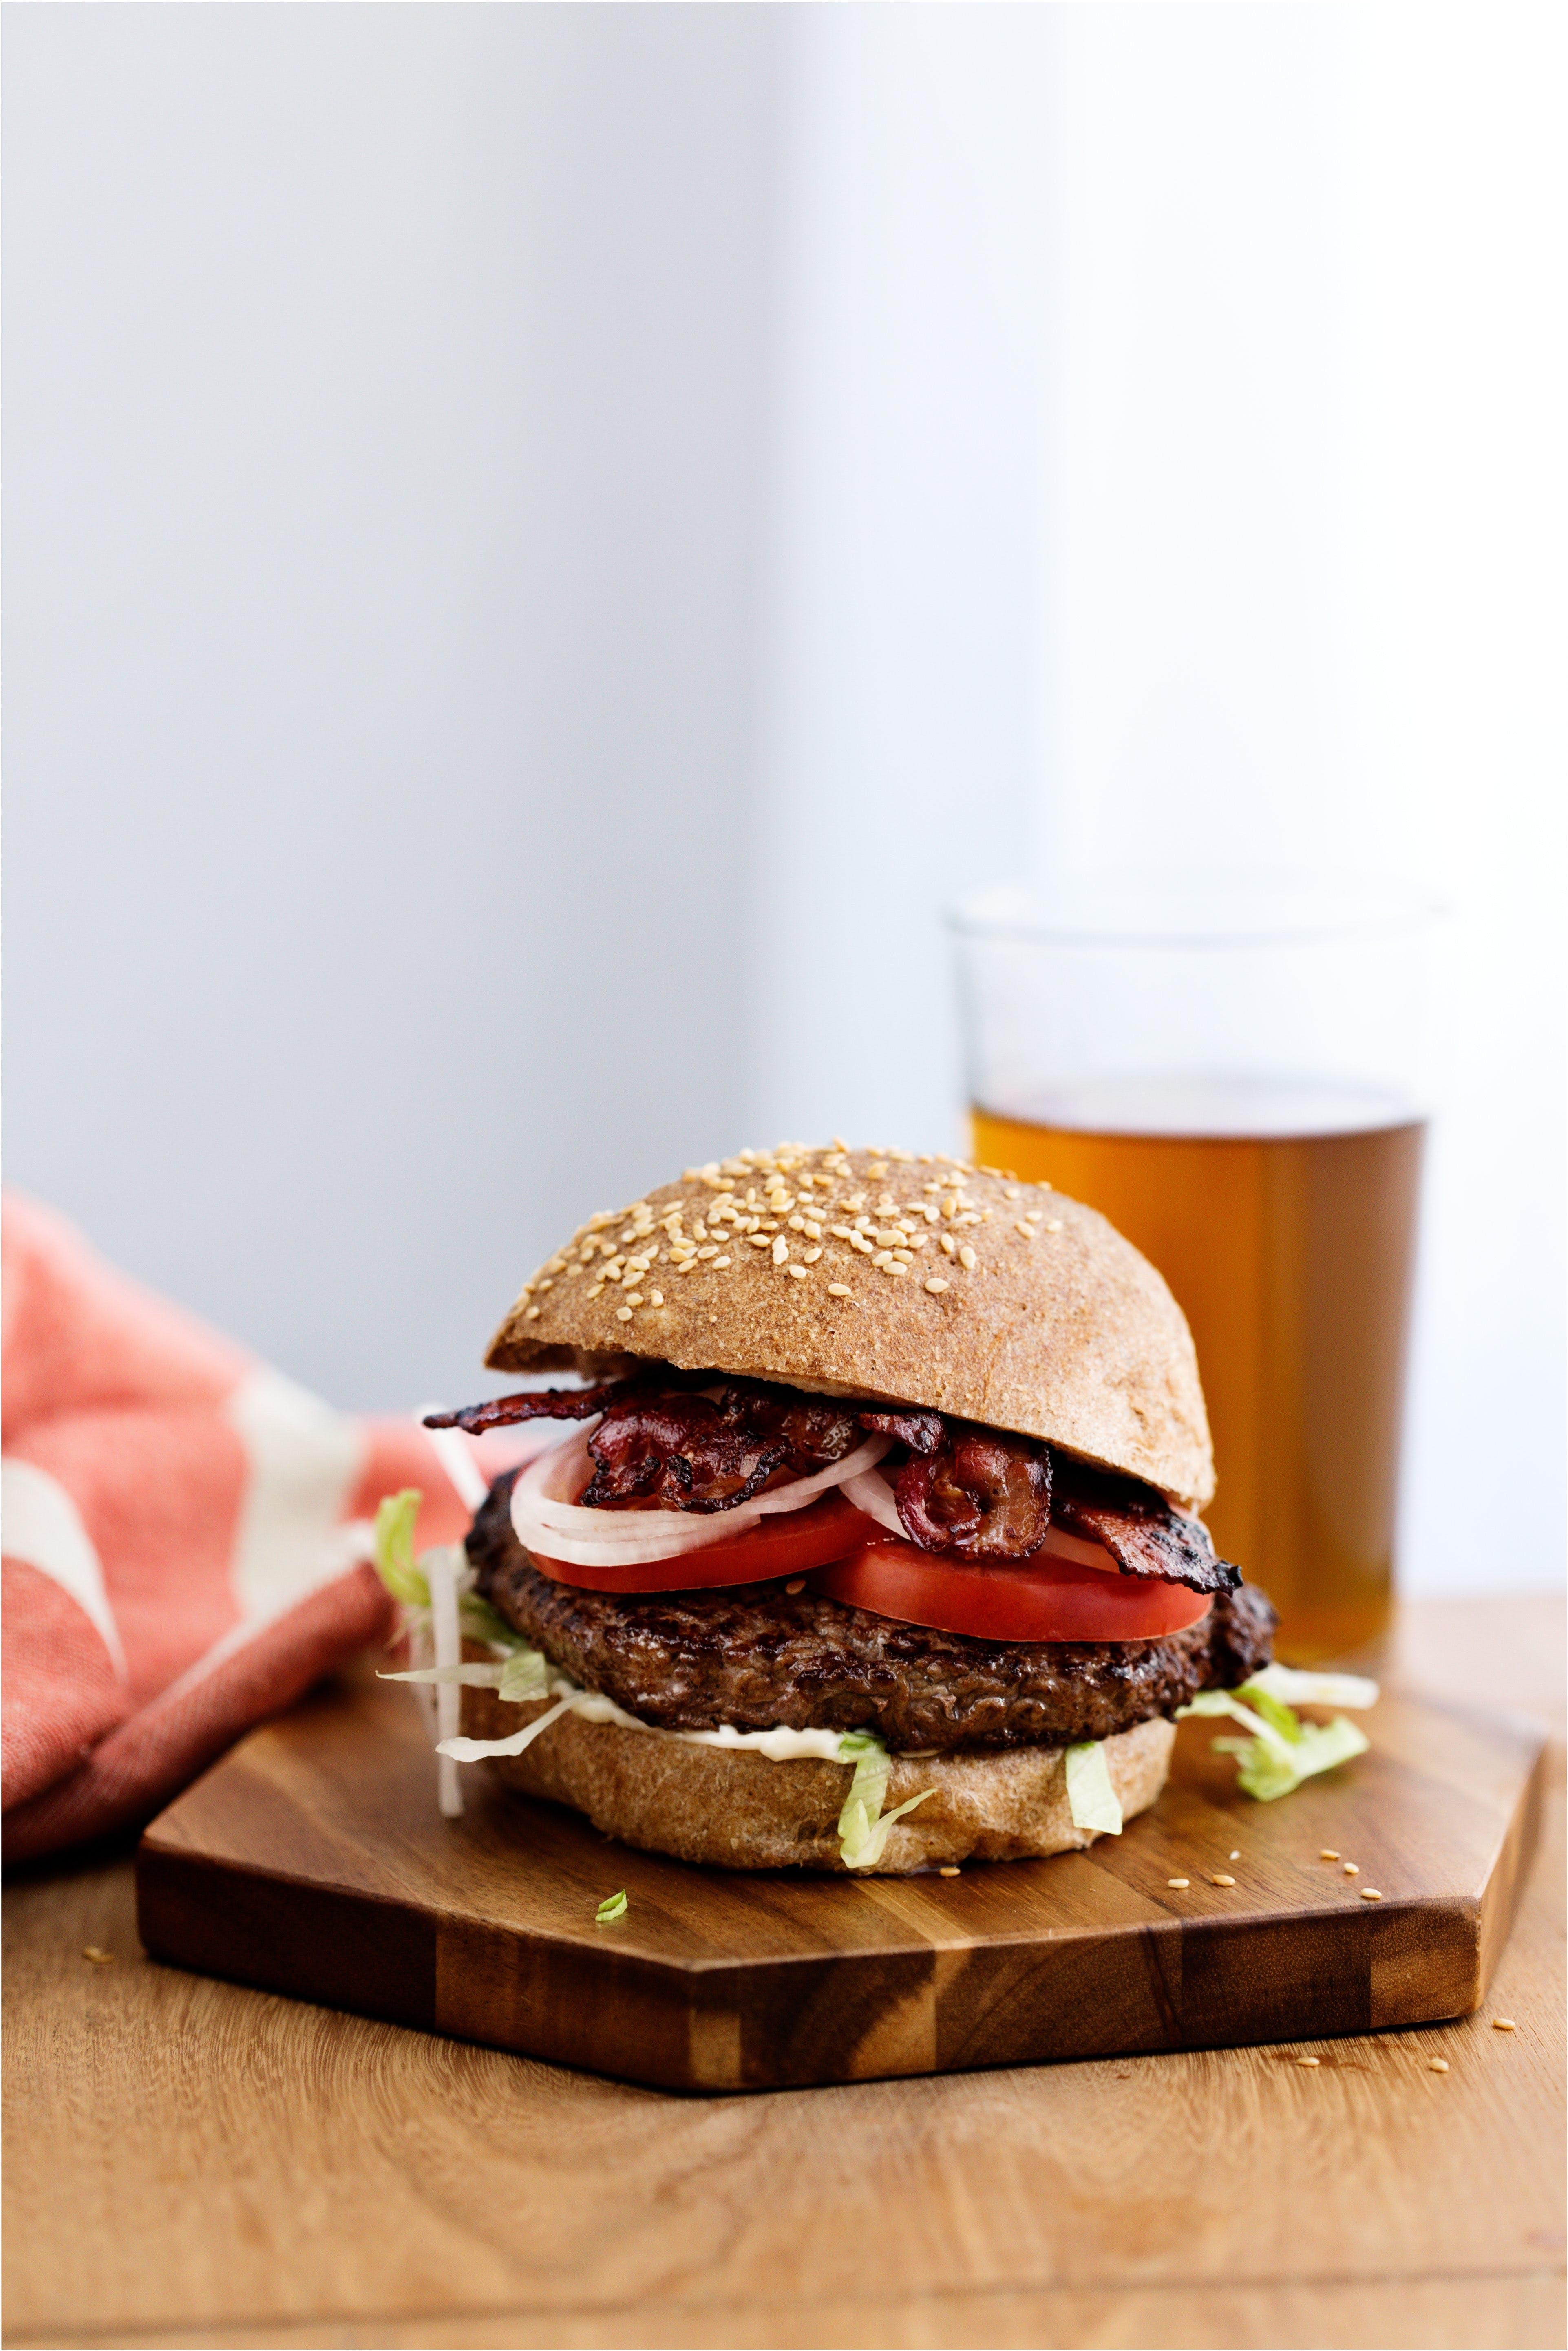 Klassisk hamburgare med LCHF-bröd